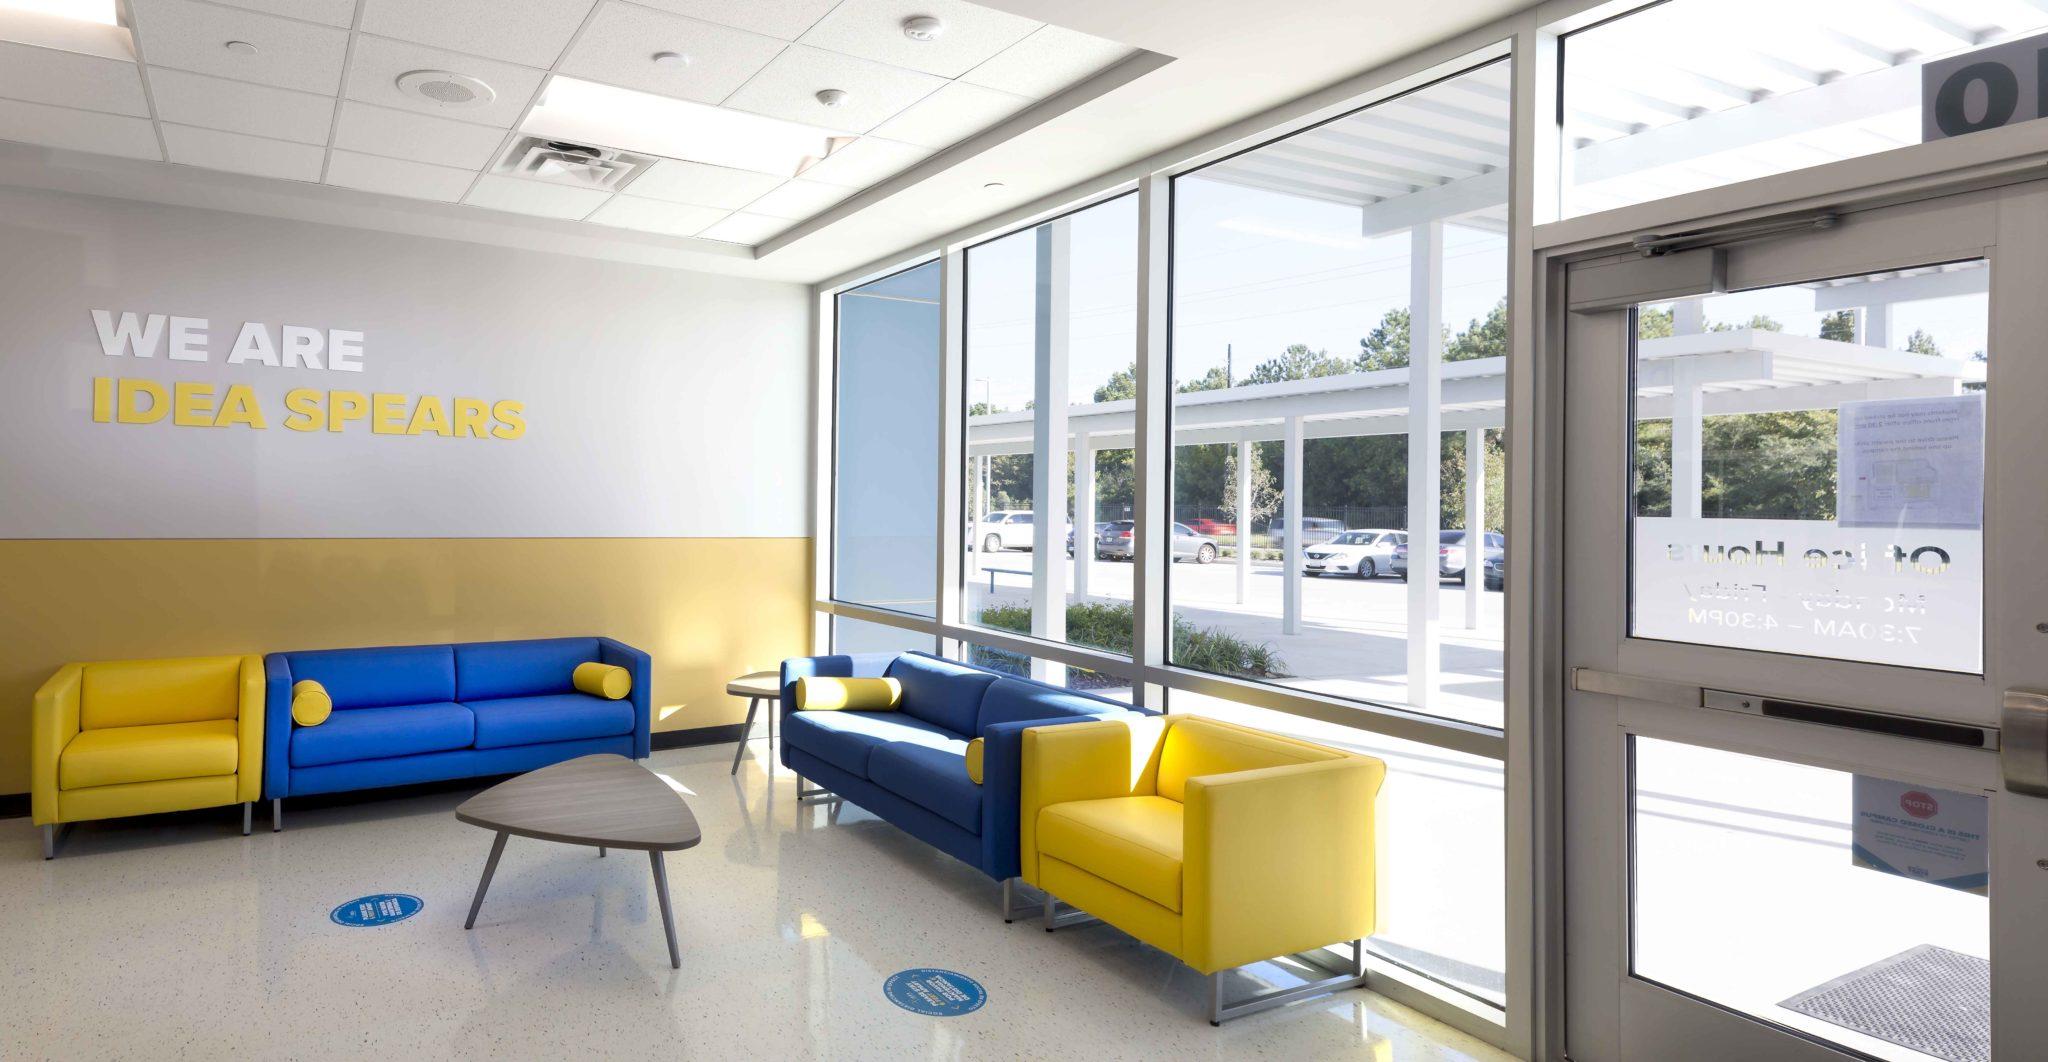 IDEA Spears, Entrance Seating Area